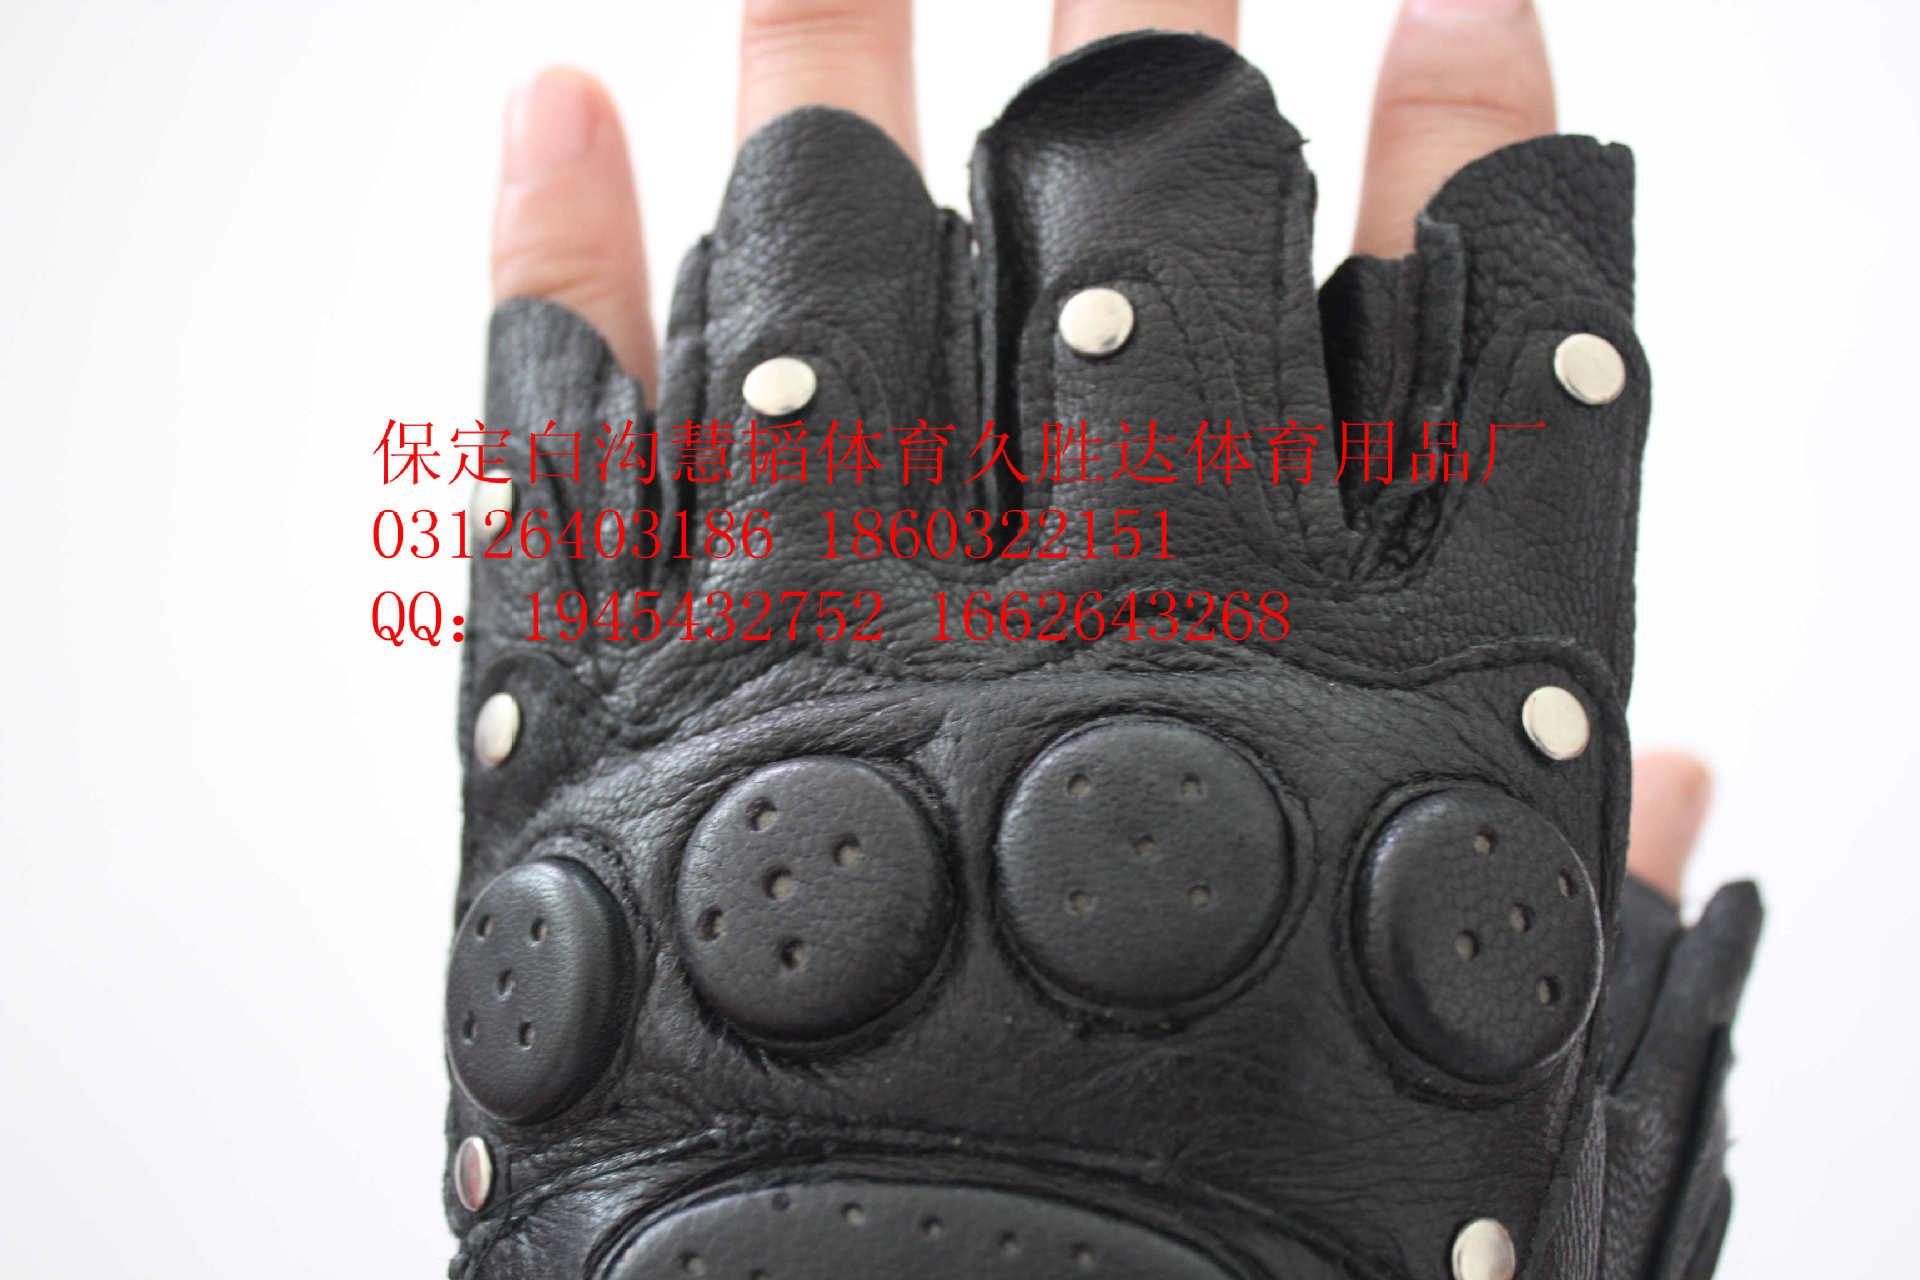 半指手套系列